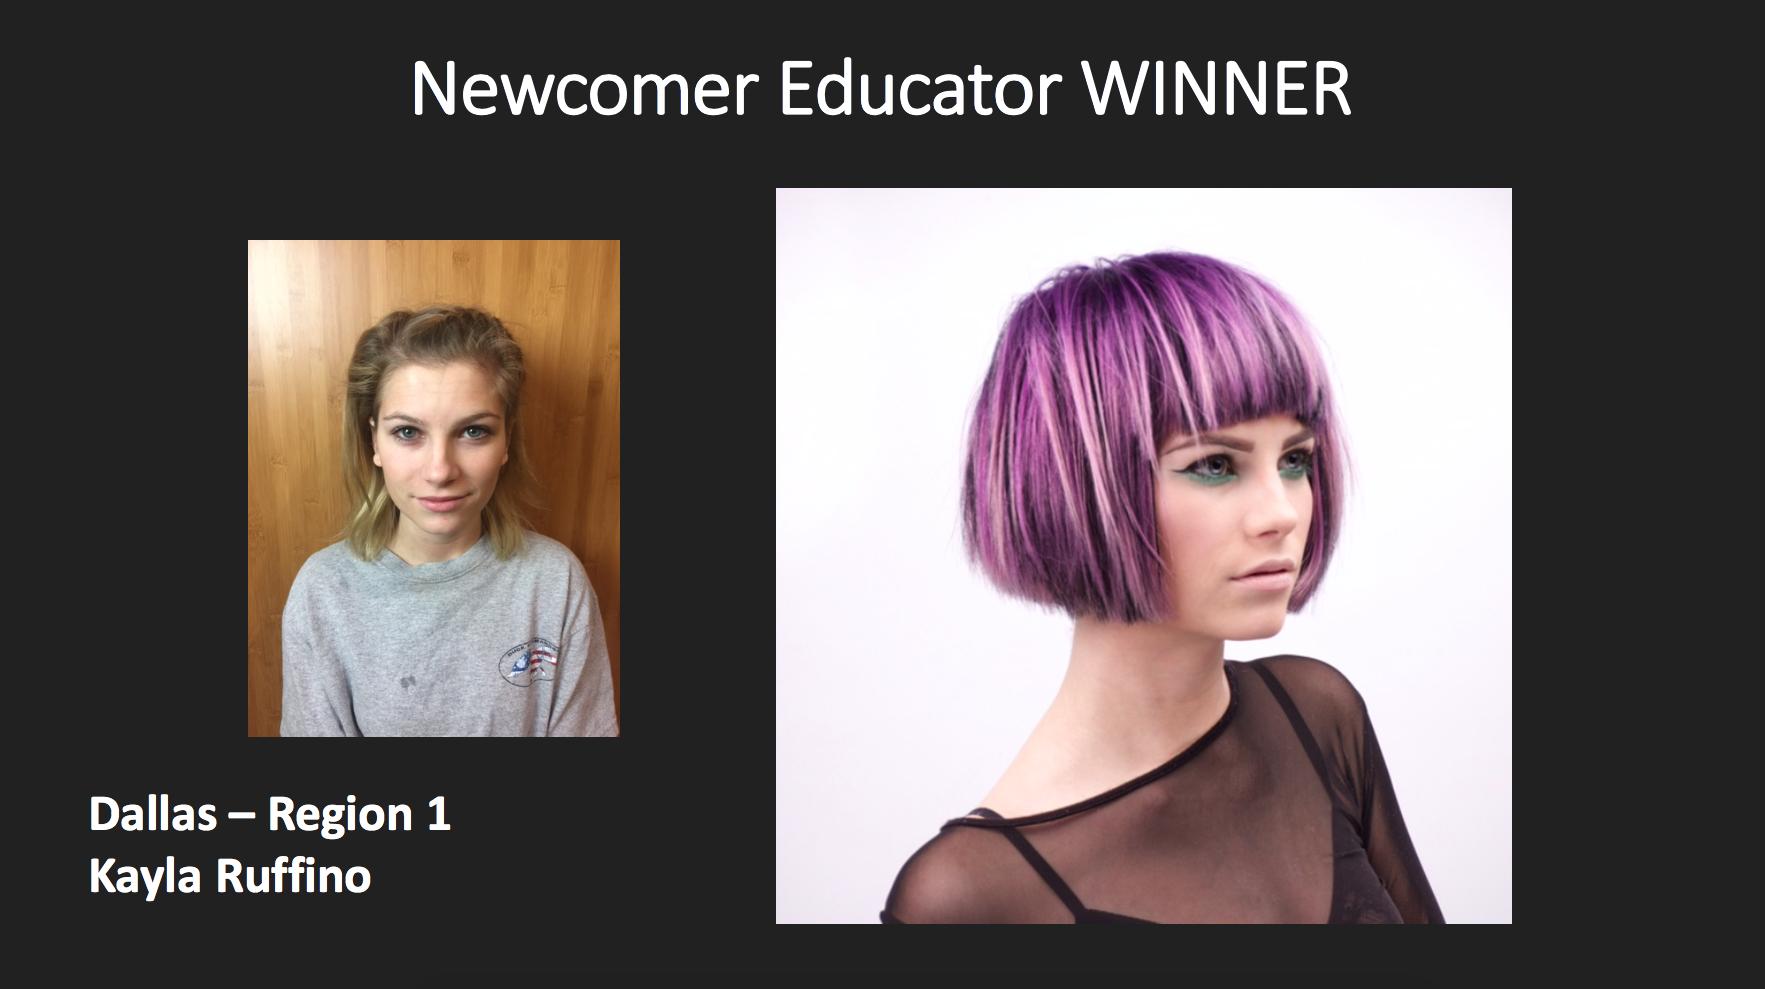 naha-dallas-winner-educator